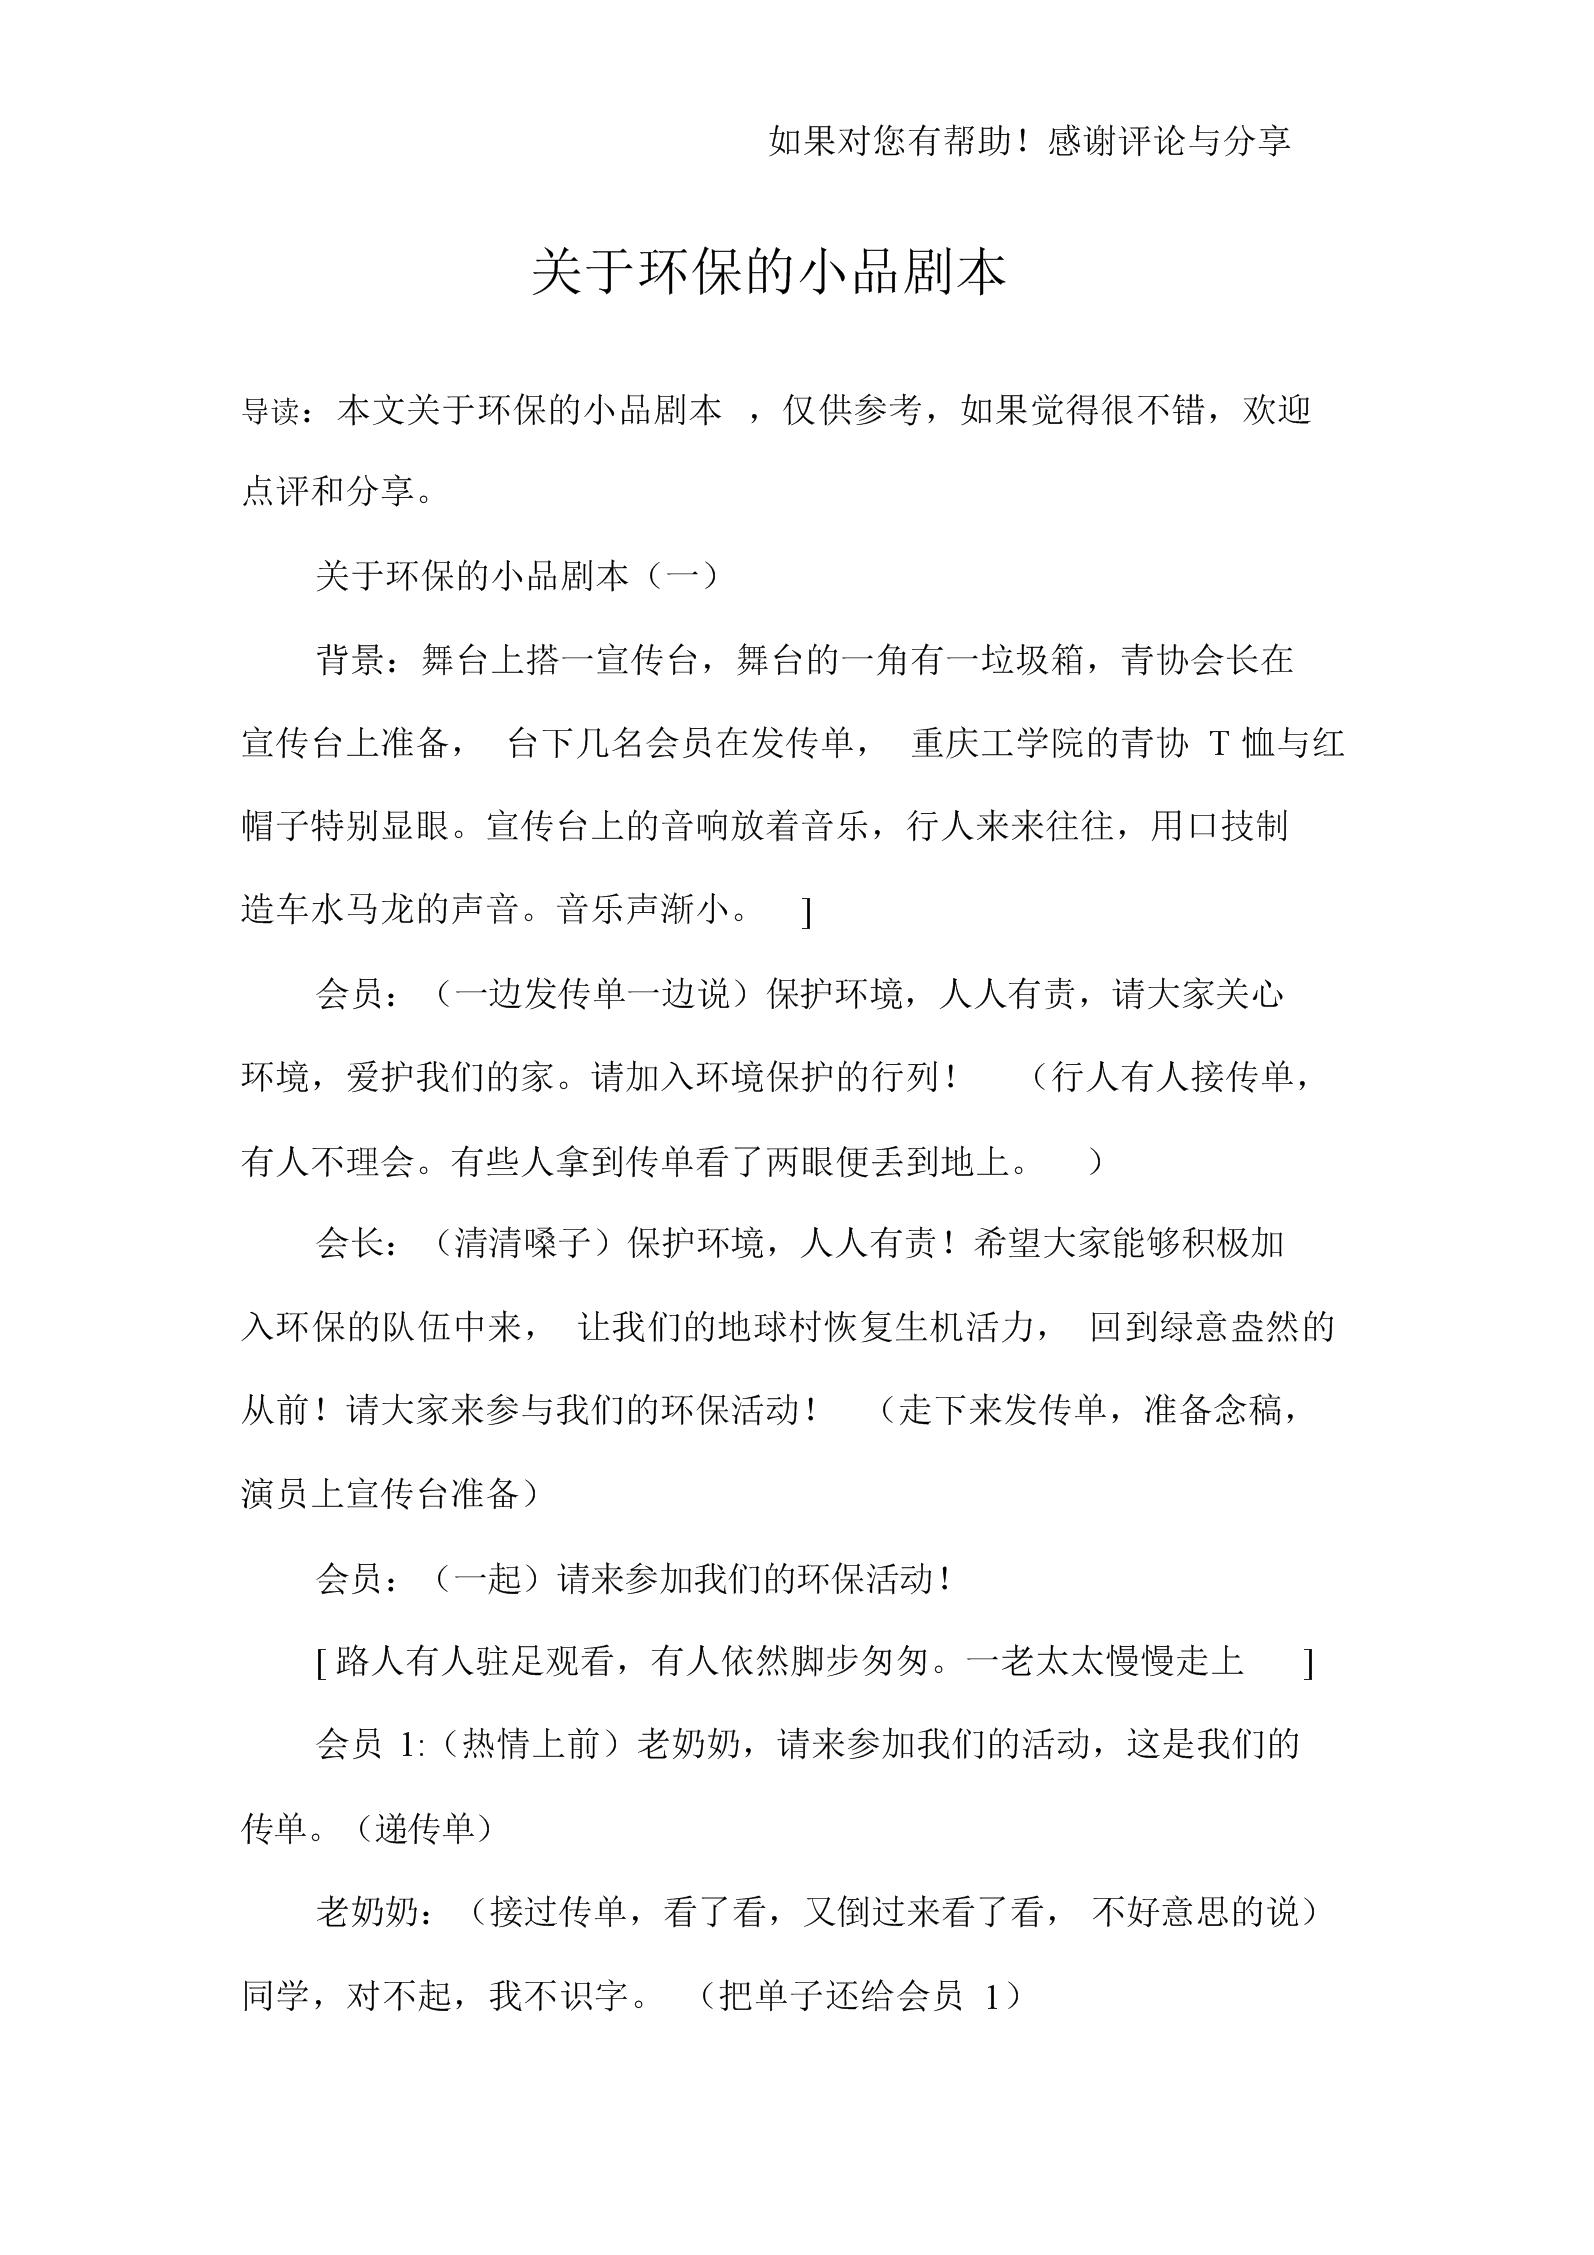 关于环保的小品剧本.docx